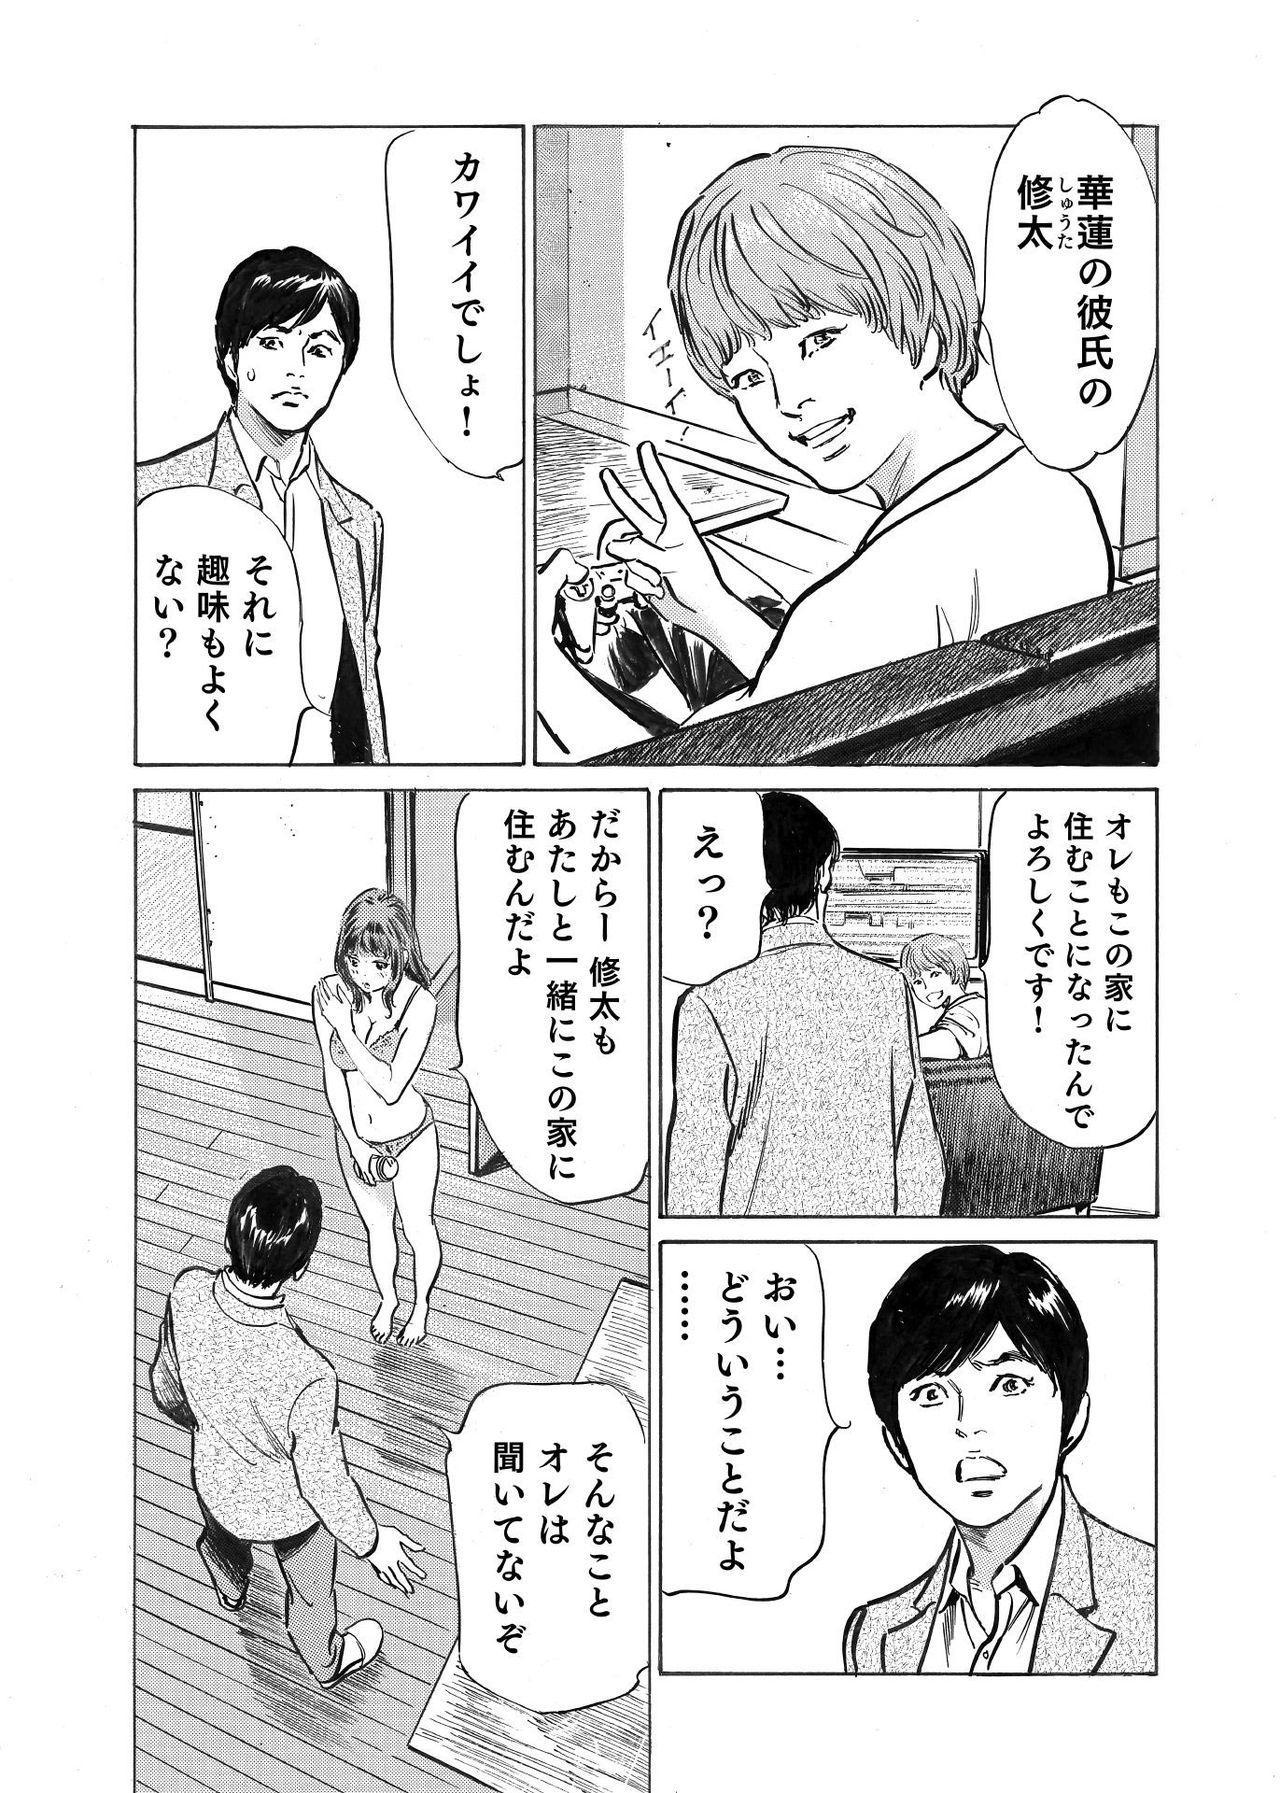 Ore wa Tsuma no Koto o Yoku Shiranai 1-9 73